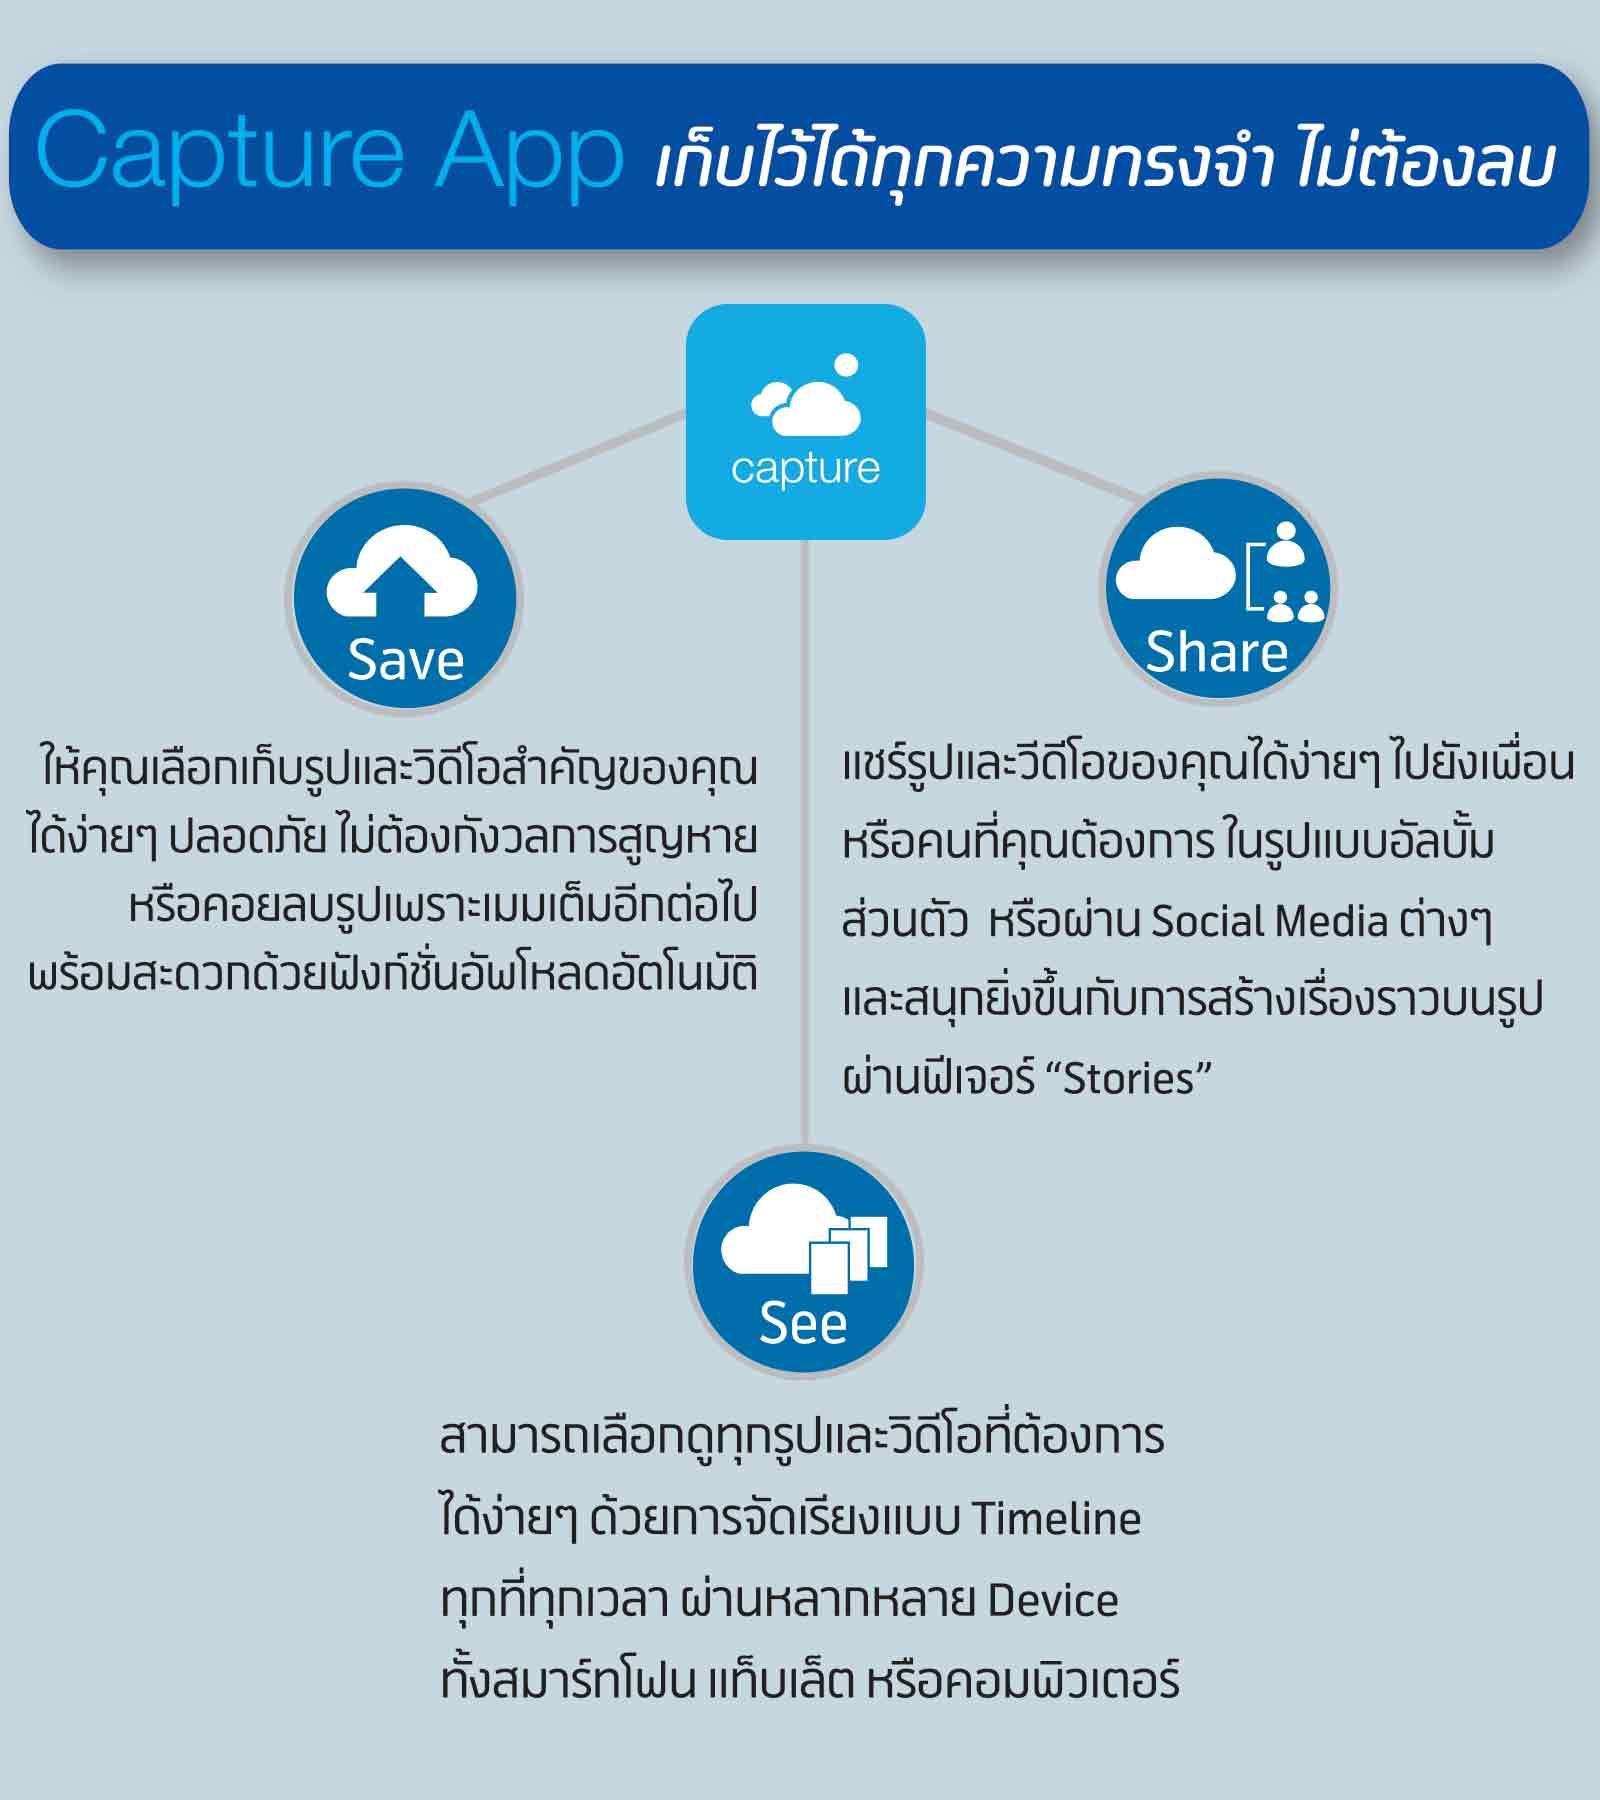 dtac-Capture-App-01